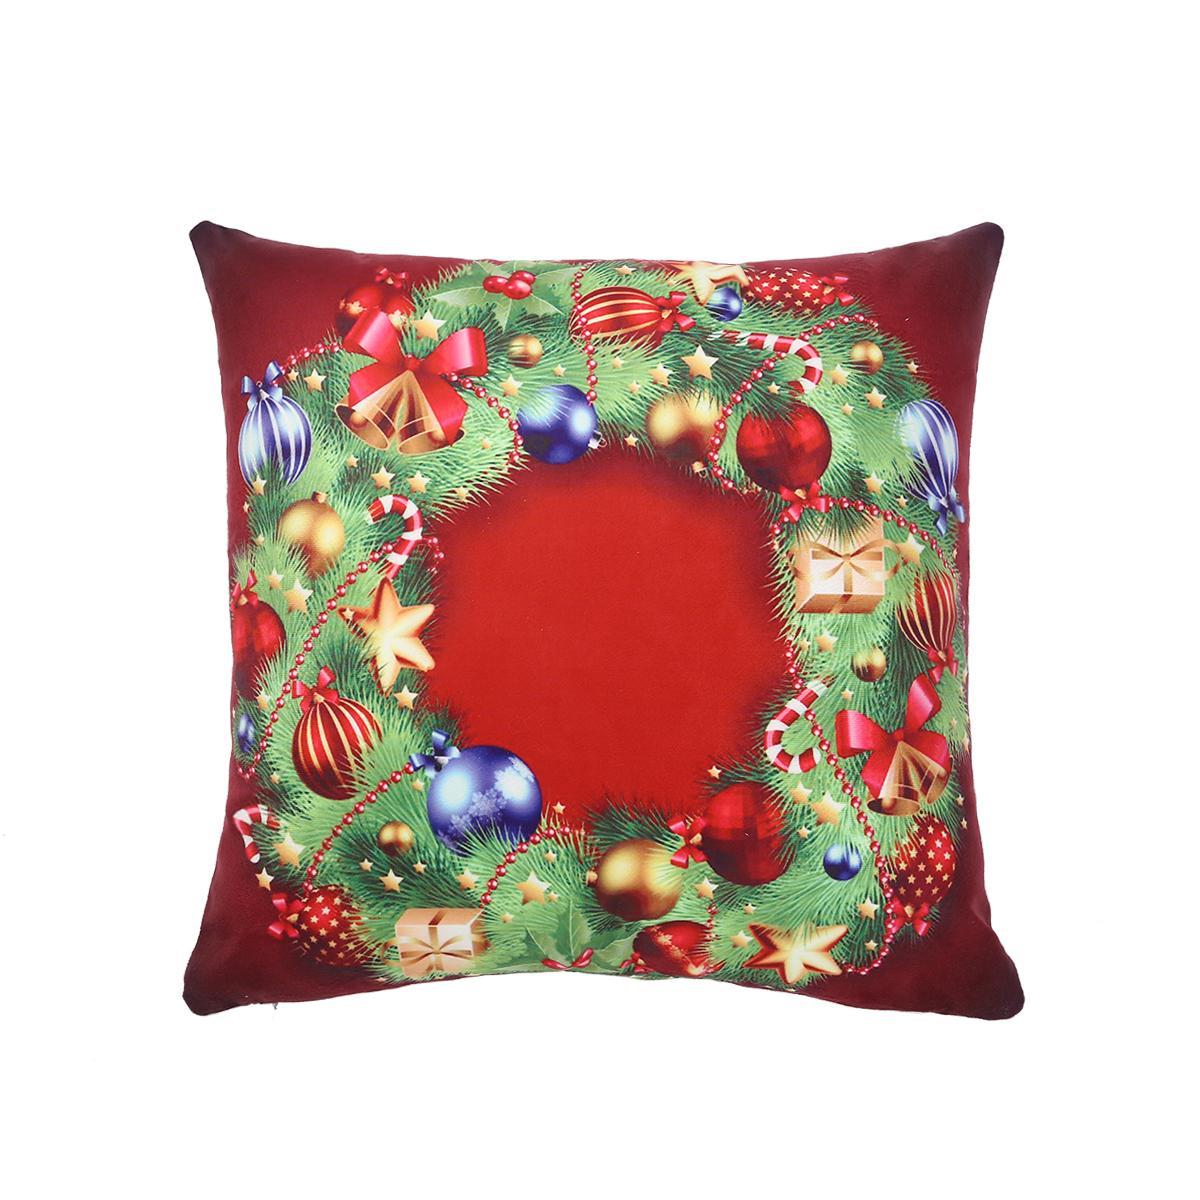 100pcs cuscino copre il cuscino cuscino natale cuscino del fumetto copertura di natale cuscino della serie di natale per cuscino a casa (modello 3)